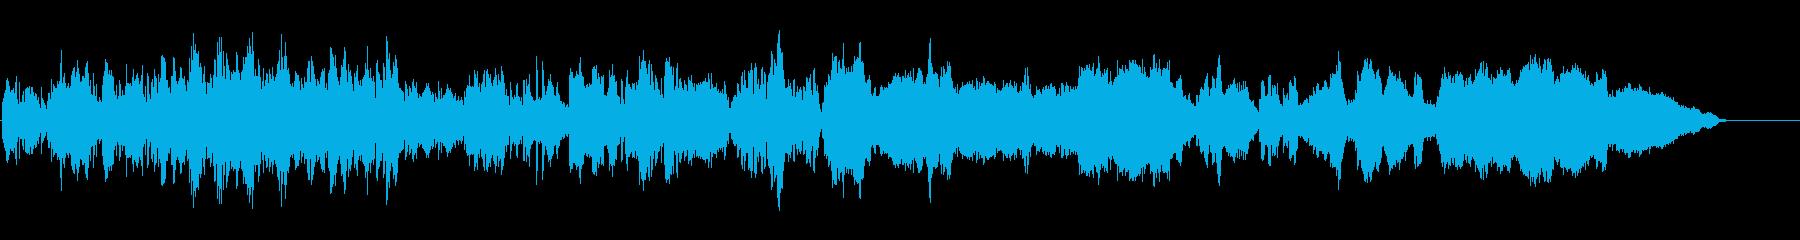 おしゃれでポップなピチカート、生の弦楽奏の再生済みの波形